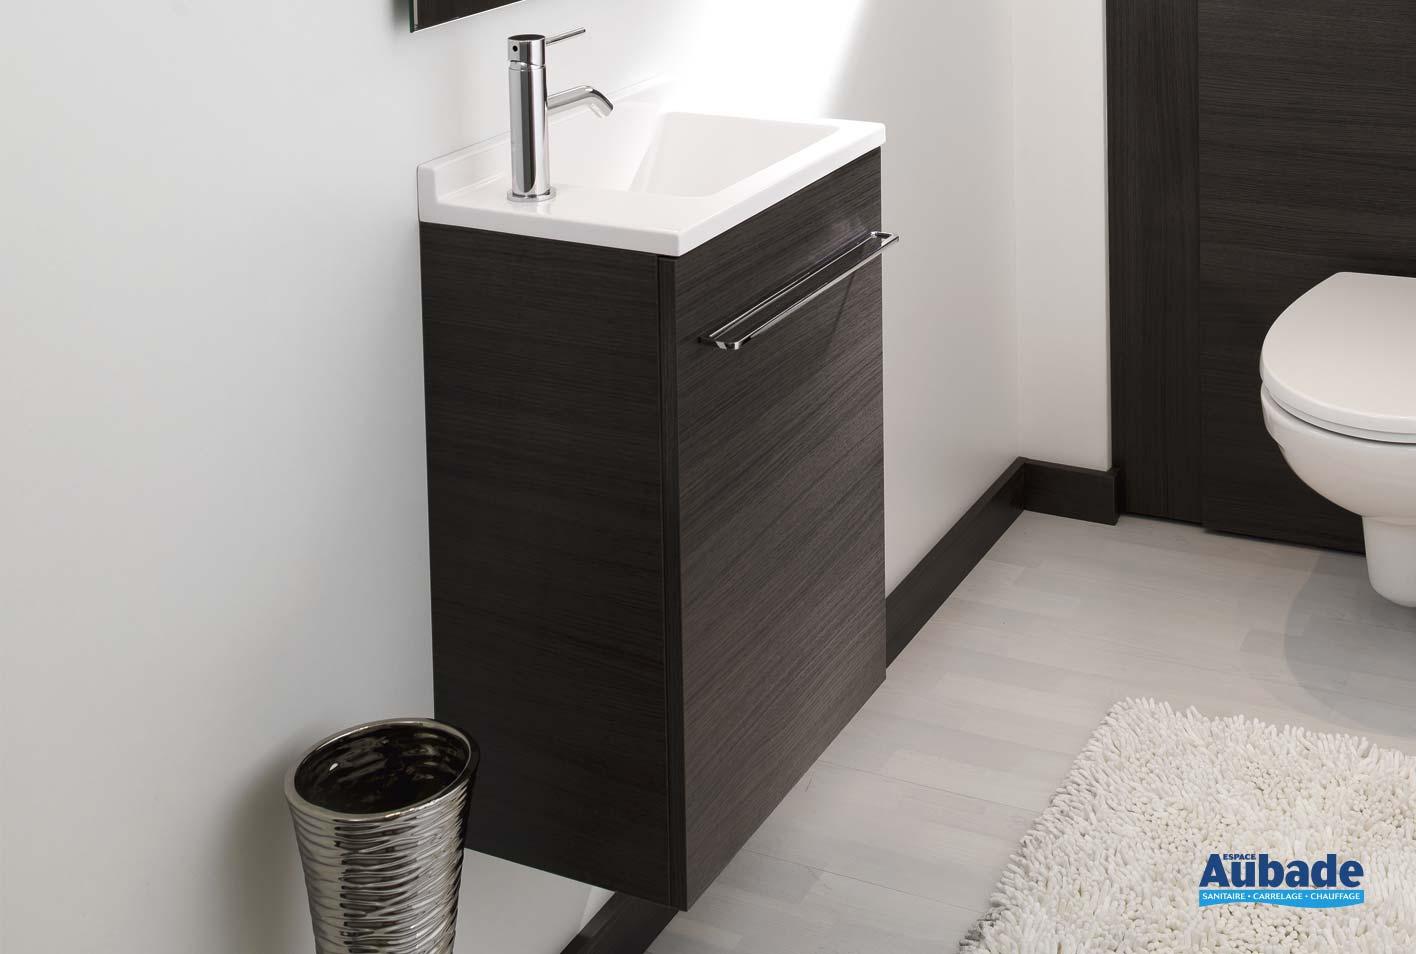 Comment Installer Un Lave Main Avec Meuble meuble lave-mains wc ambiance bain verso | espace aubade